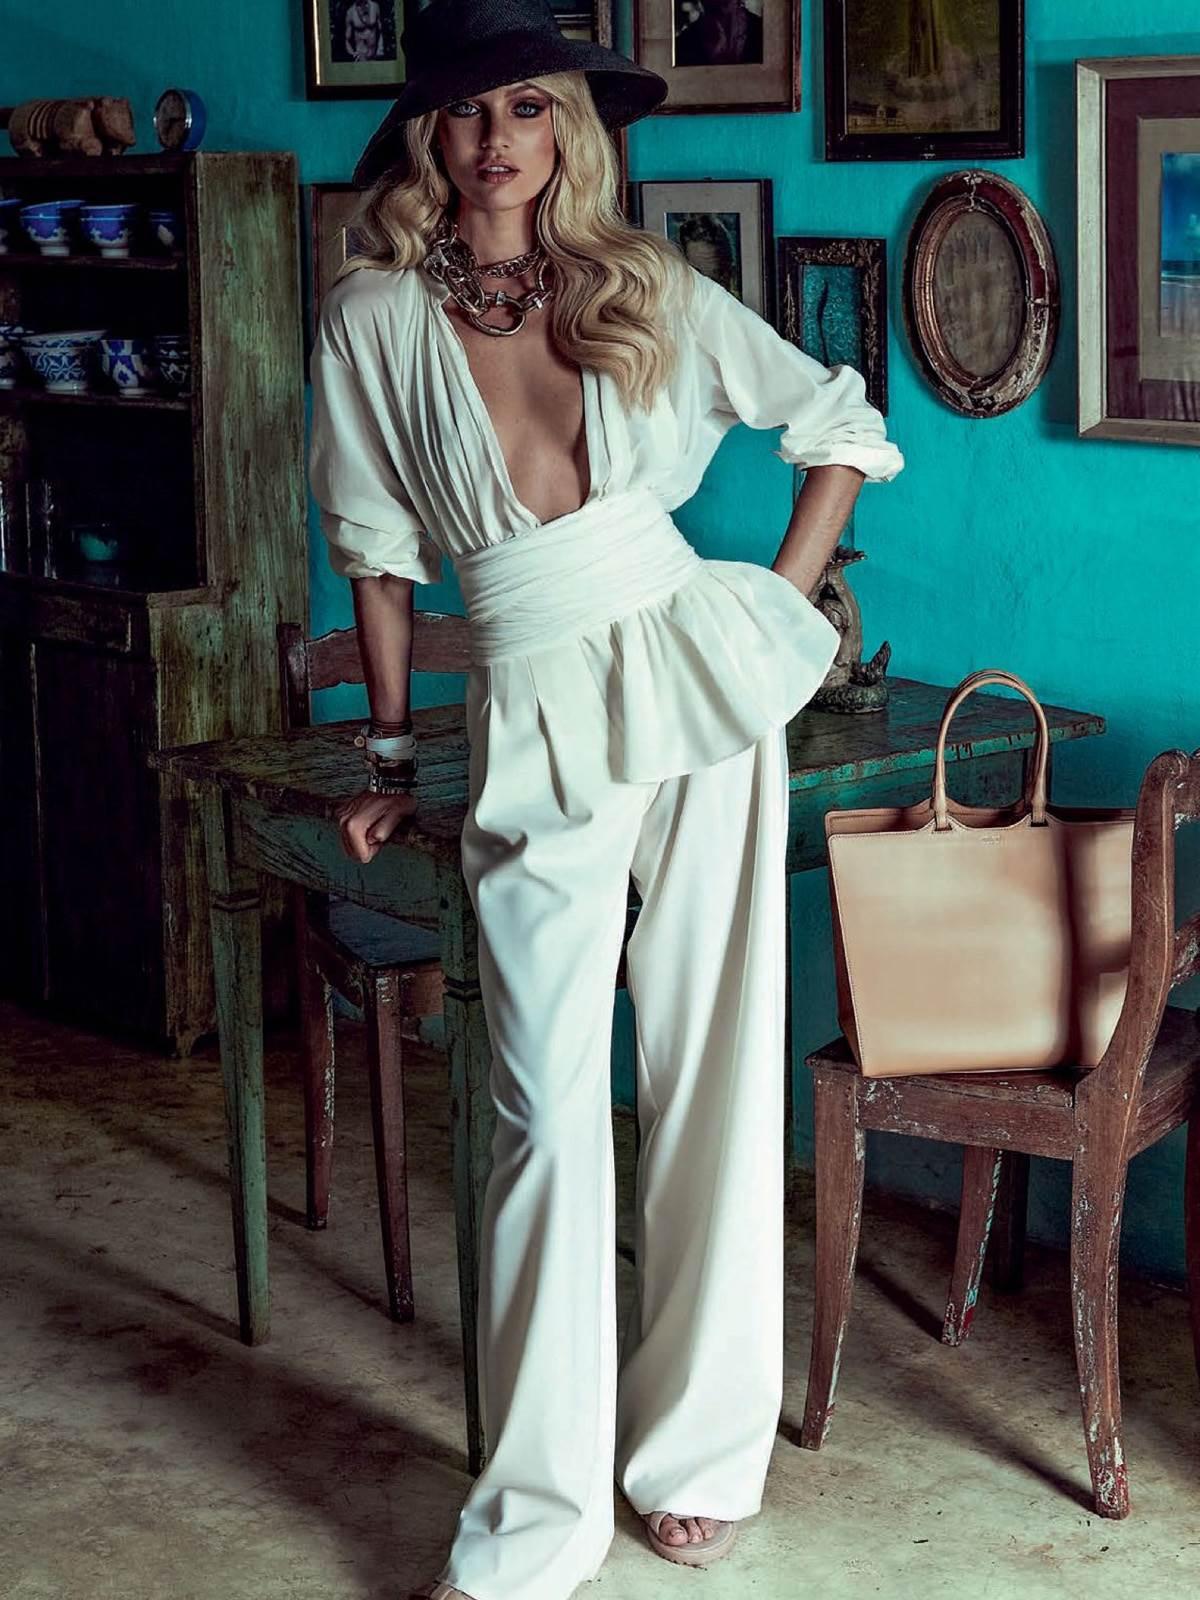 【外人】南アフリカ出身のキャンディス・スワンポール(Candice Swanepoel)がブロンドヘアーをなびかせるセクシーポルノ画像 582